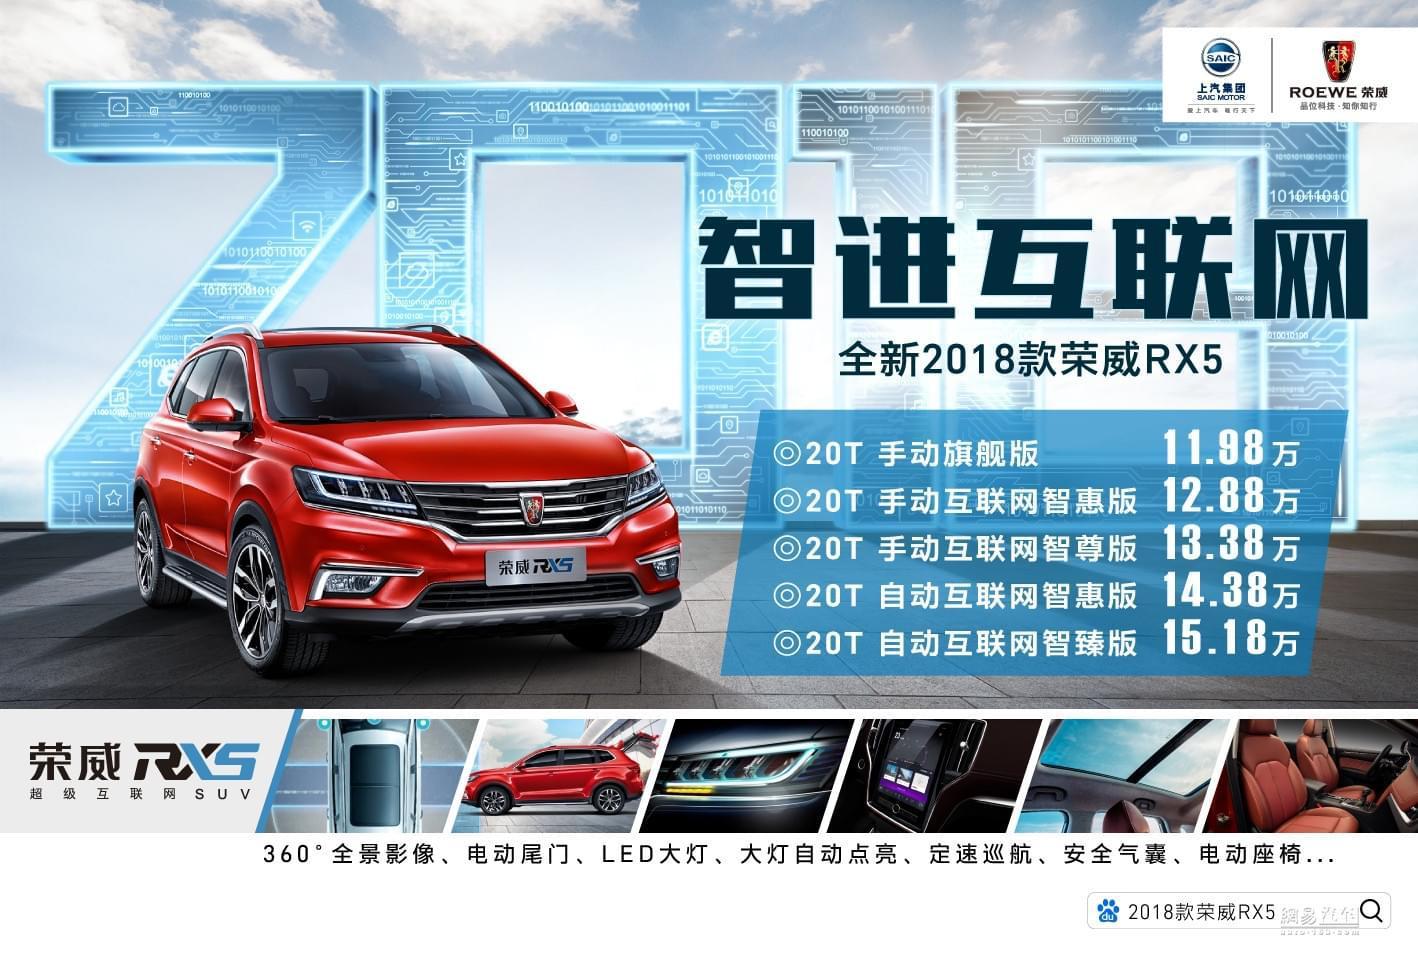 共12款车型 荣威2018款RX5售9.98万起